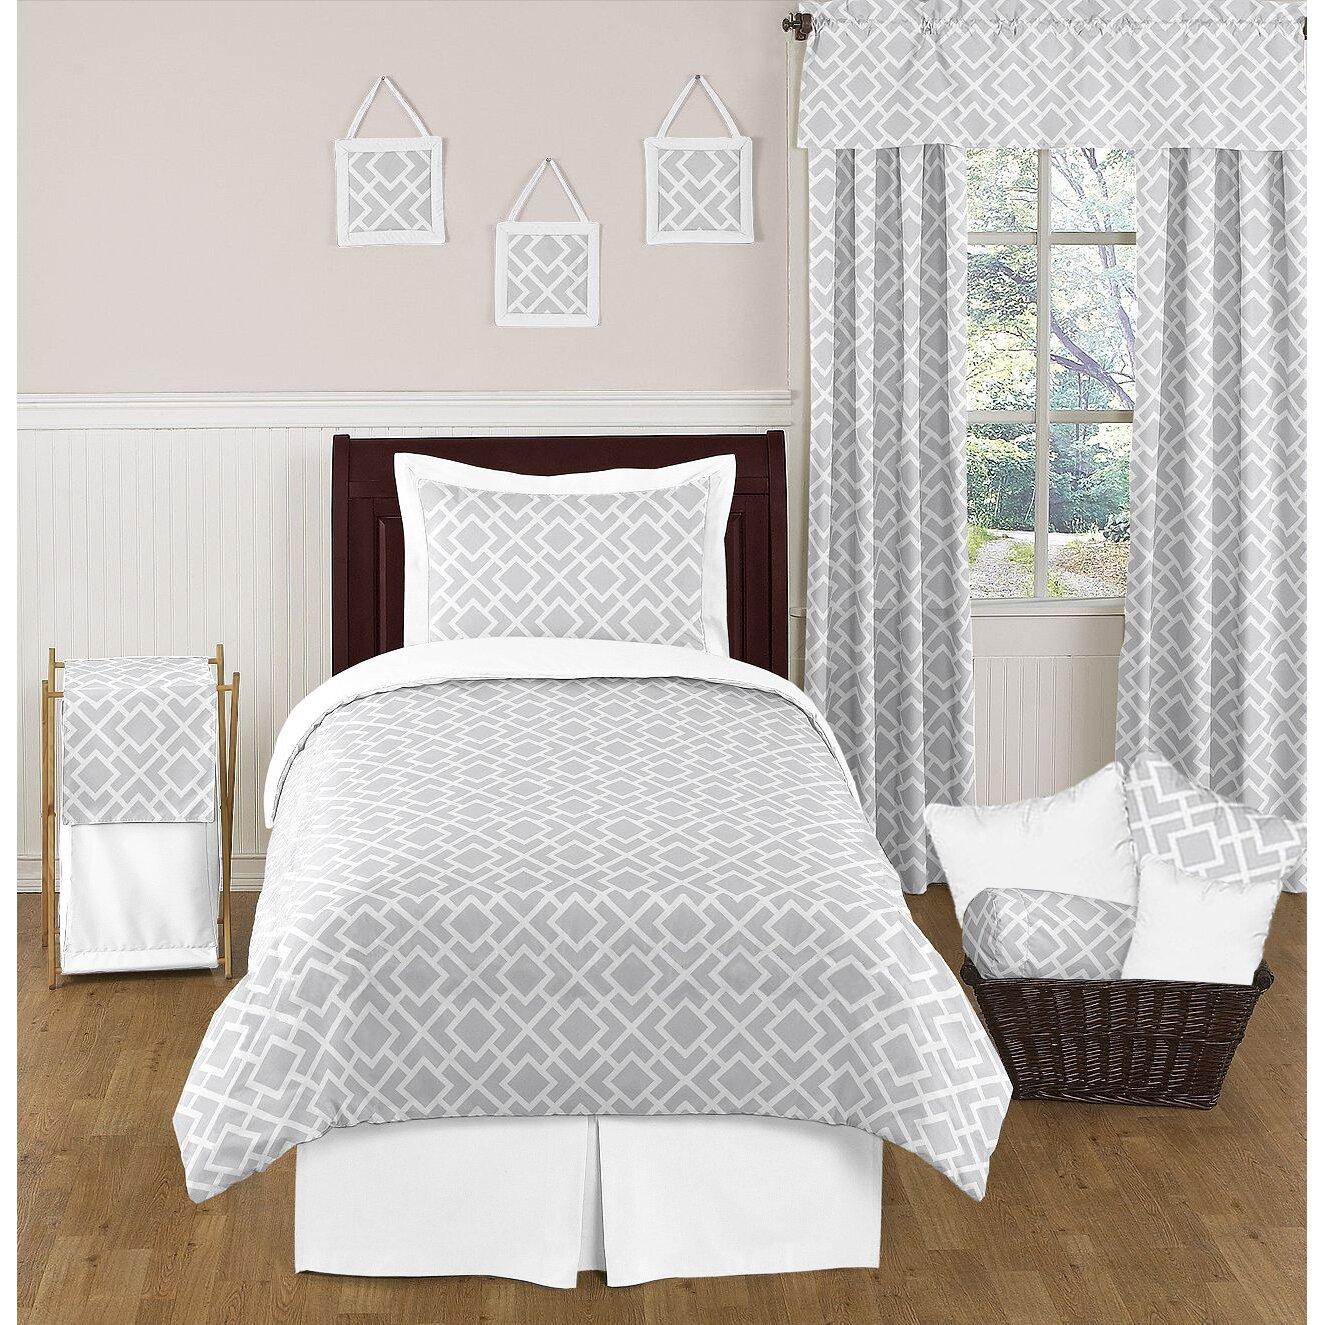 Sweet jojo designs nash 4 piece twin comforter set for Sweet jojo designs bathroom